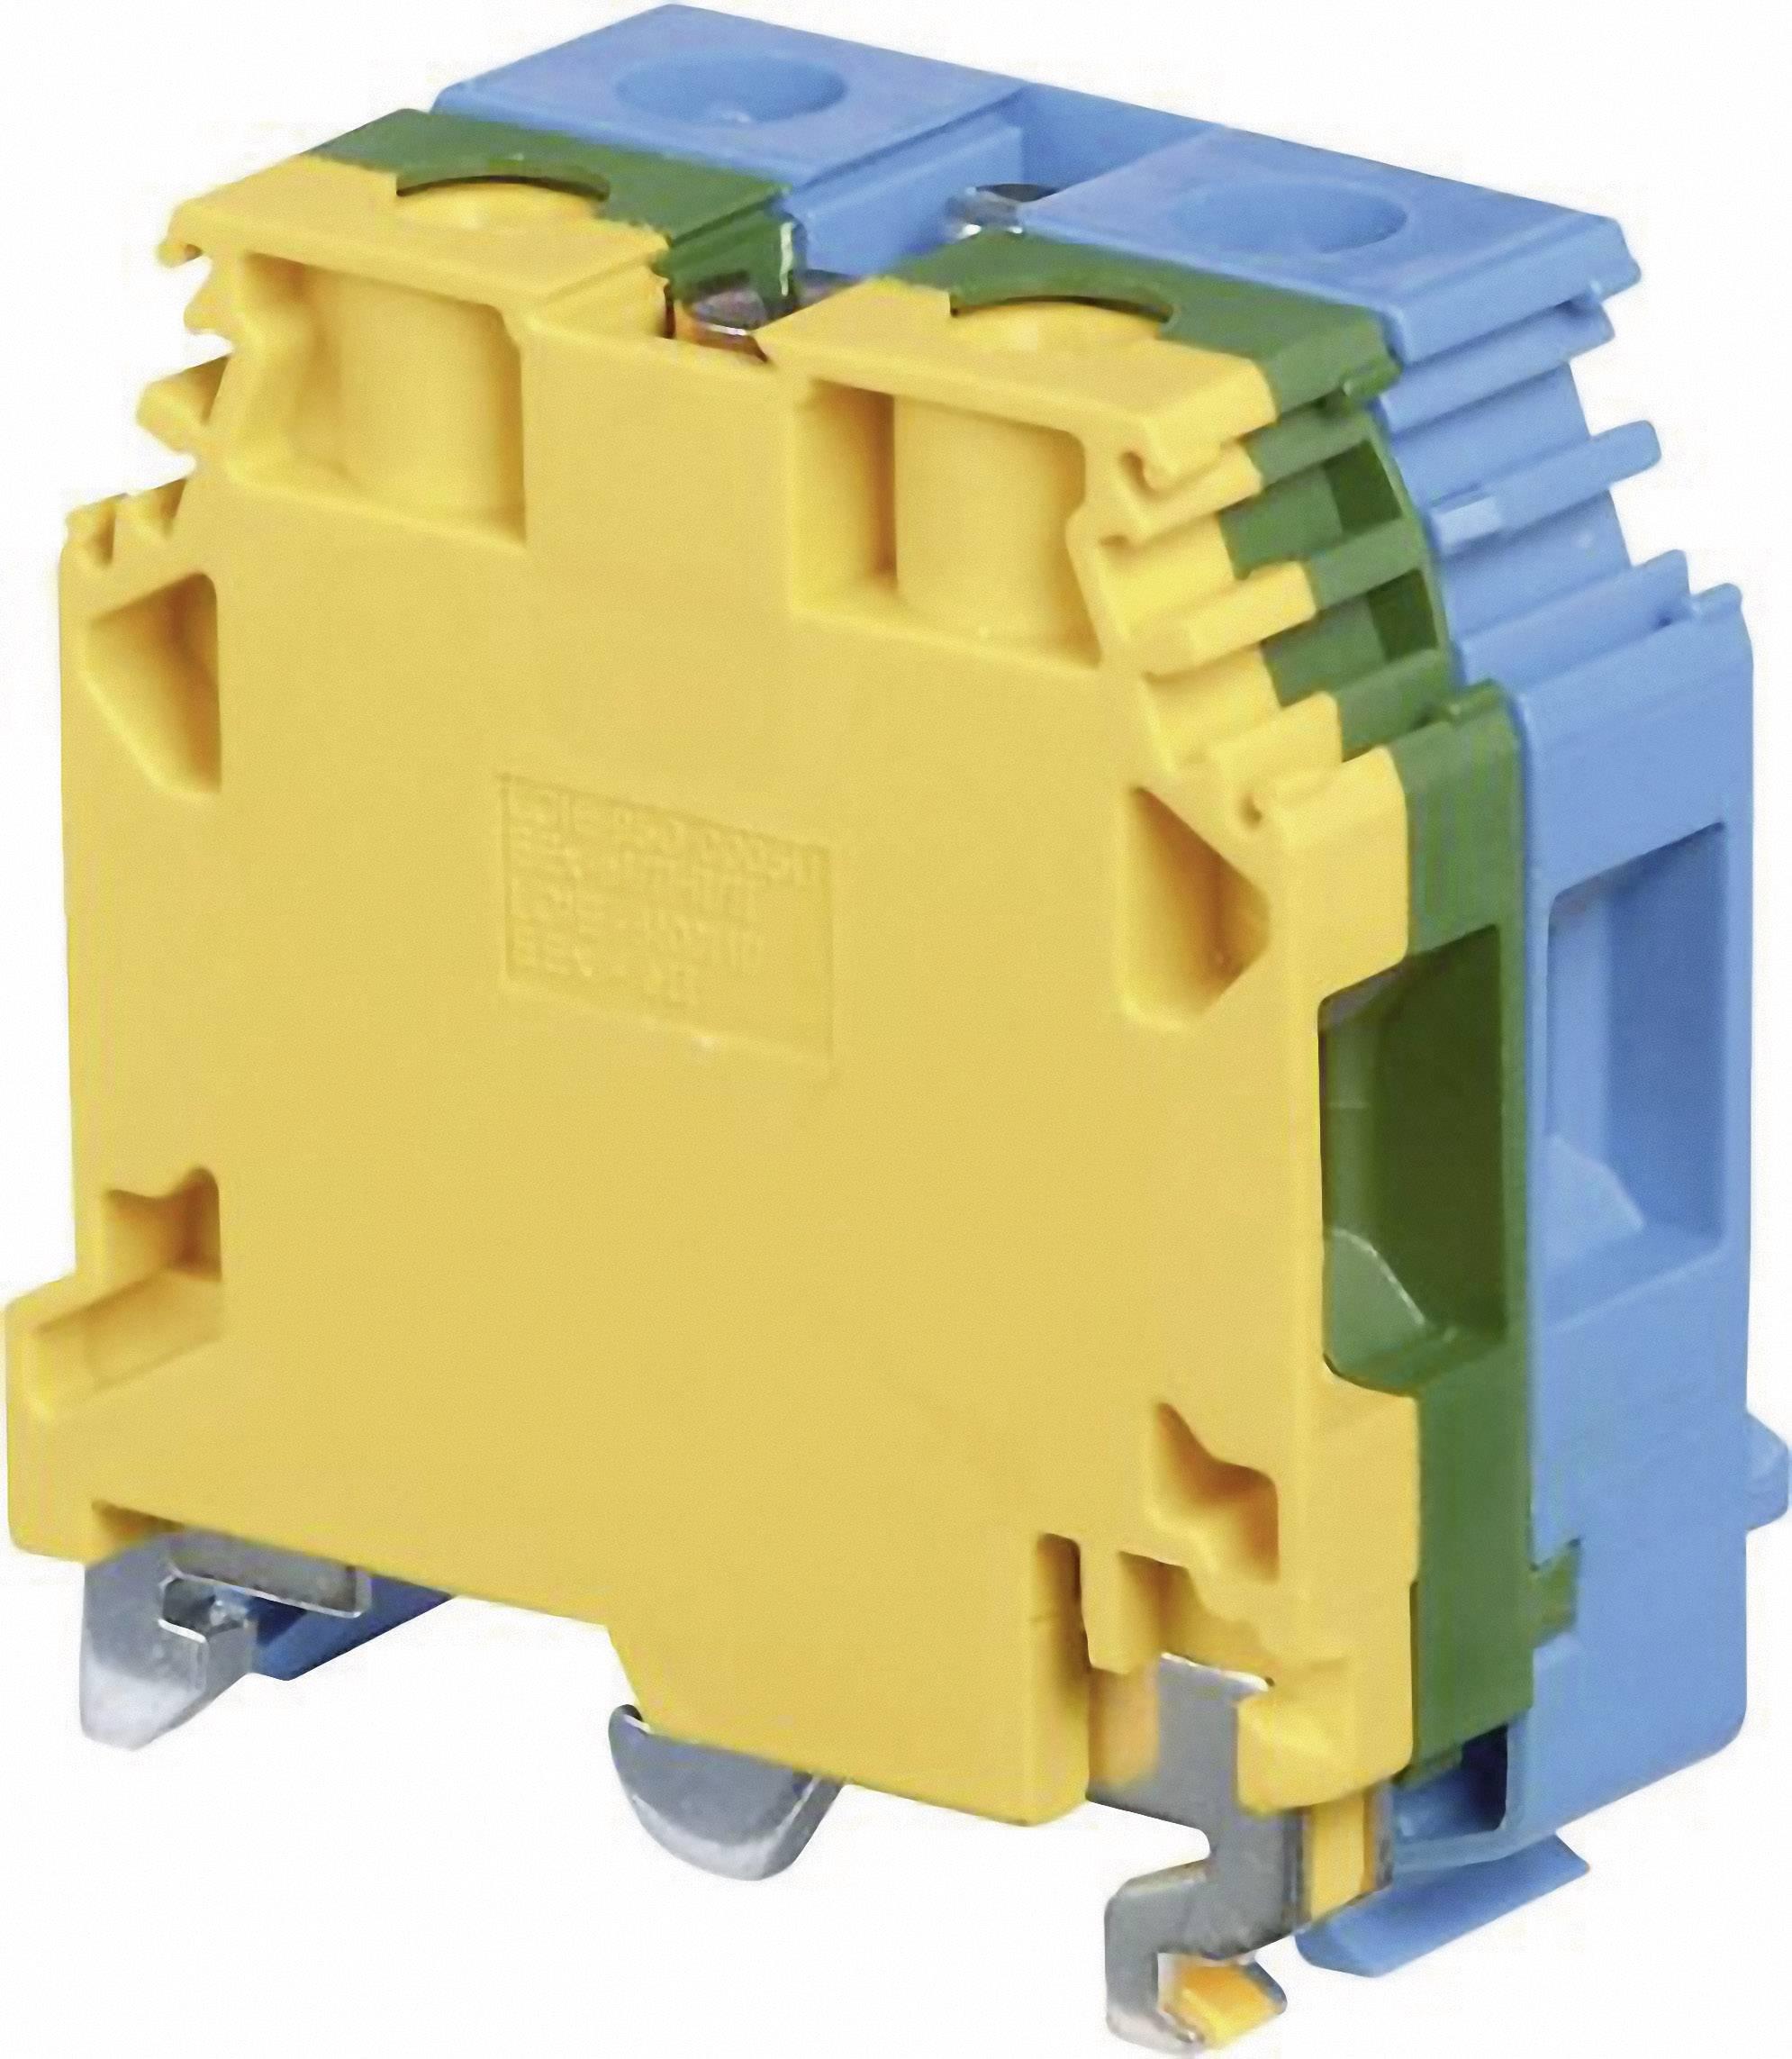 Blok hlavních svorek ABB 1SNA 165 683 R2200, 20 mm, šroubovací, osazení: Terre, N, zelenožlutá, modrá, 1 ks